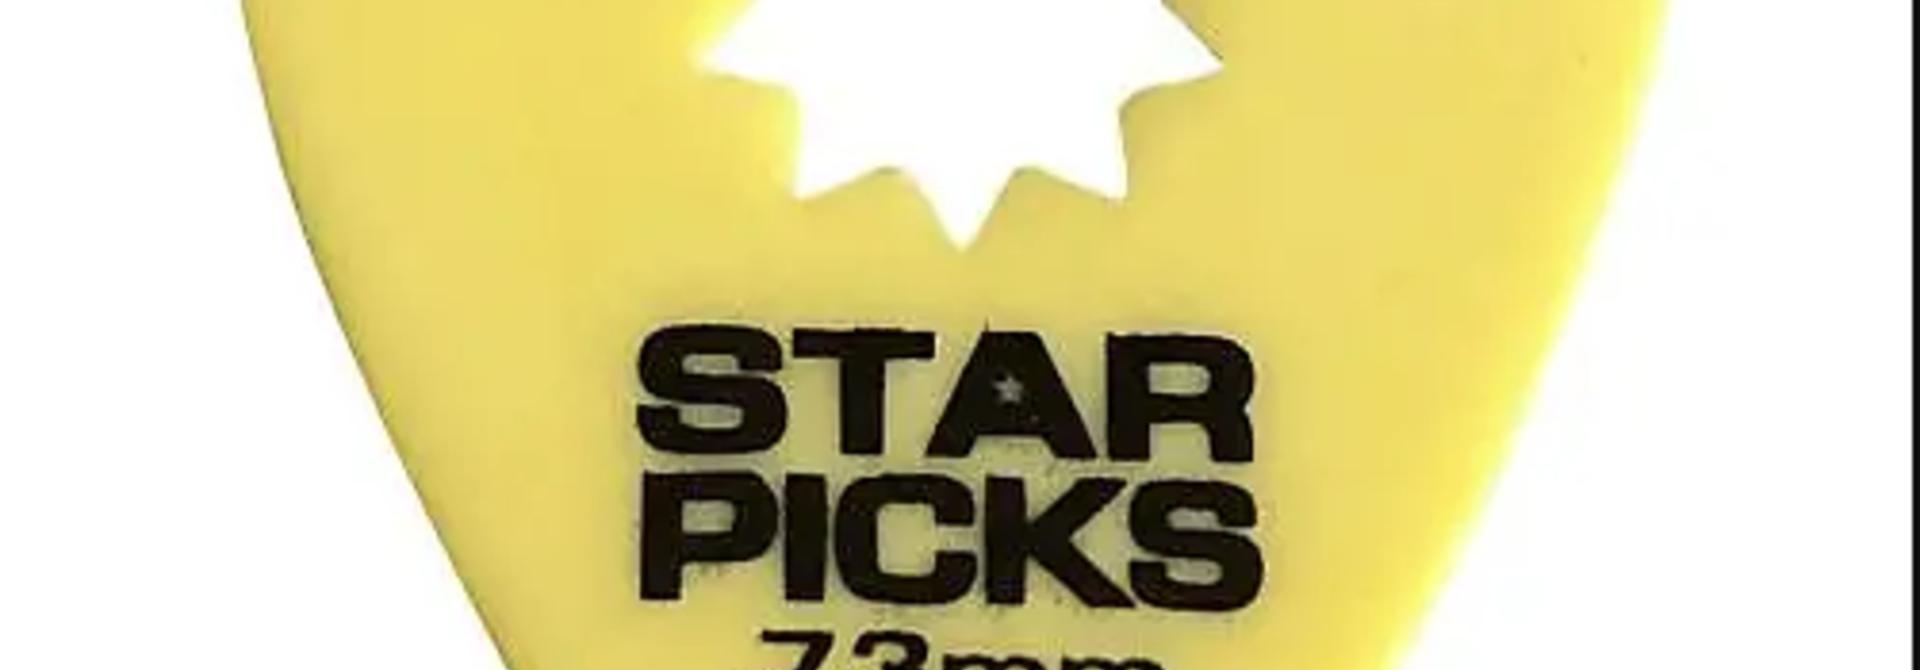 Star Picks - Classic 351